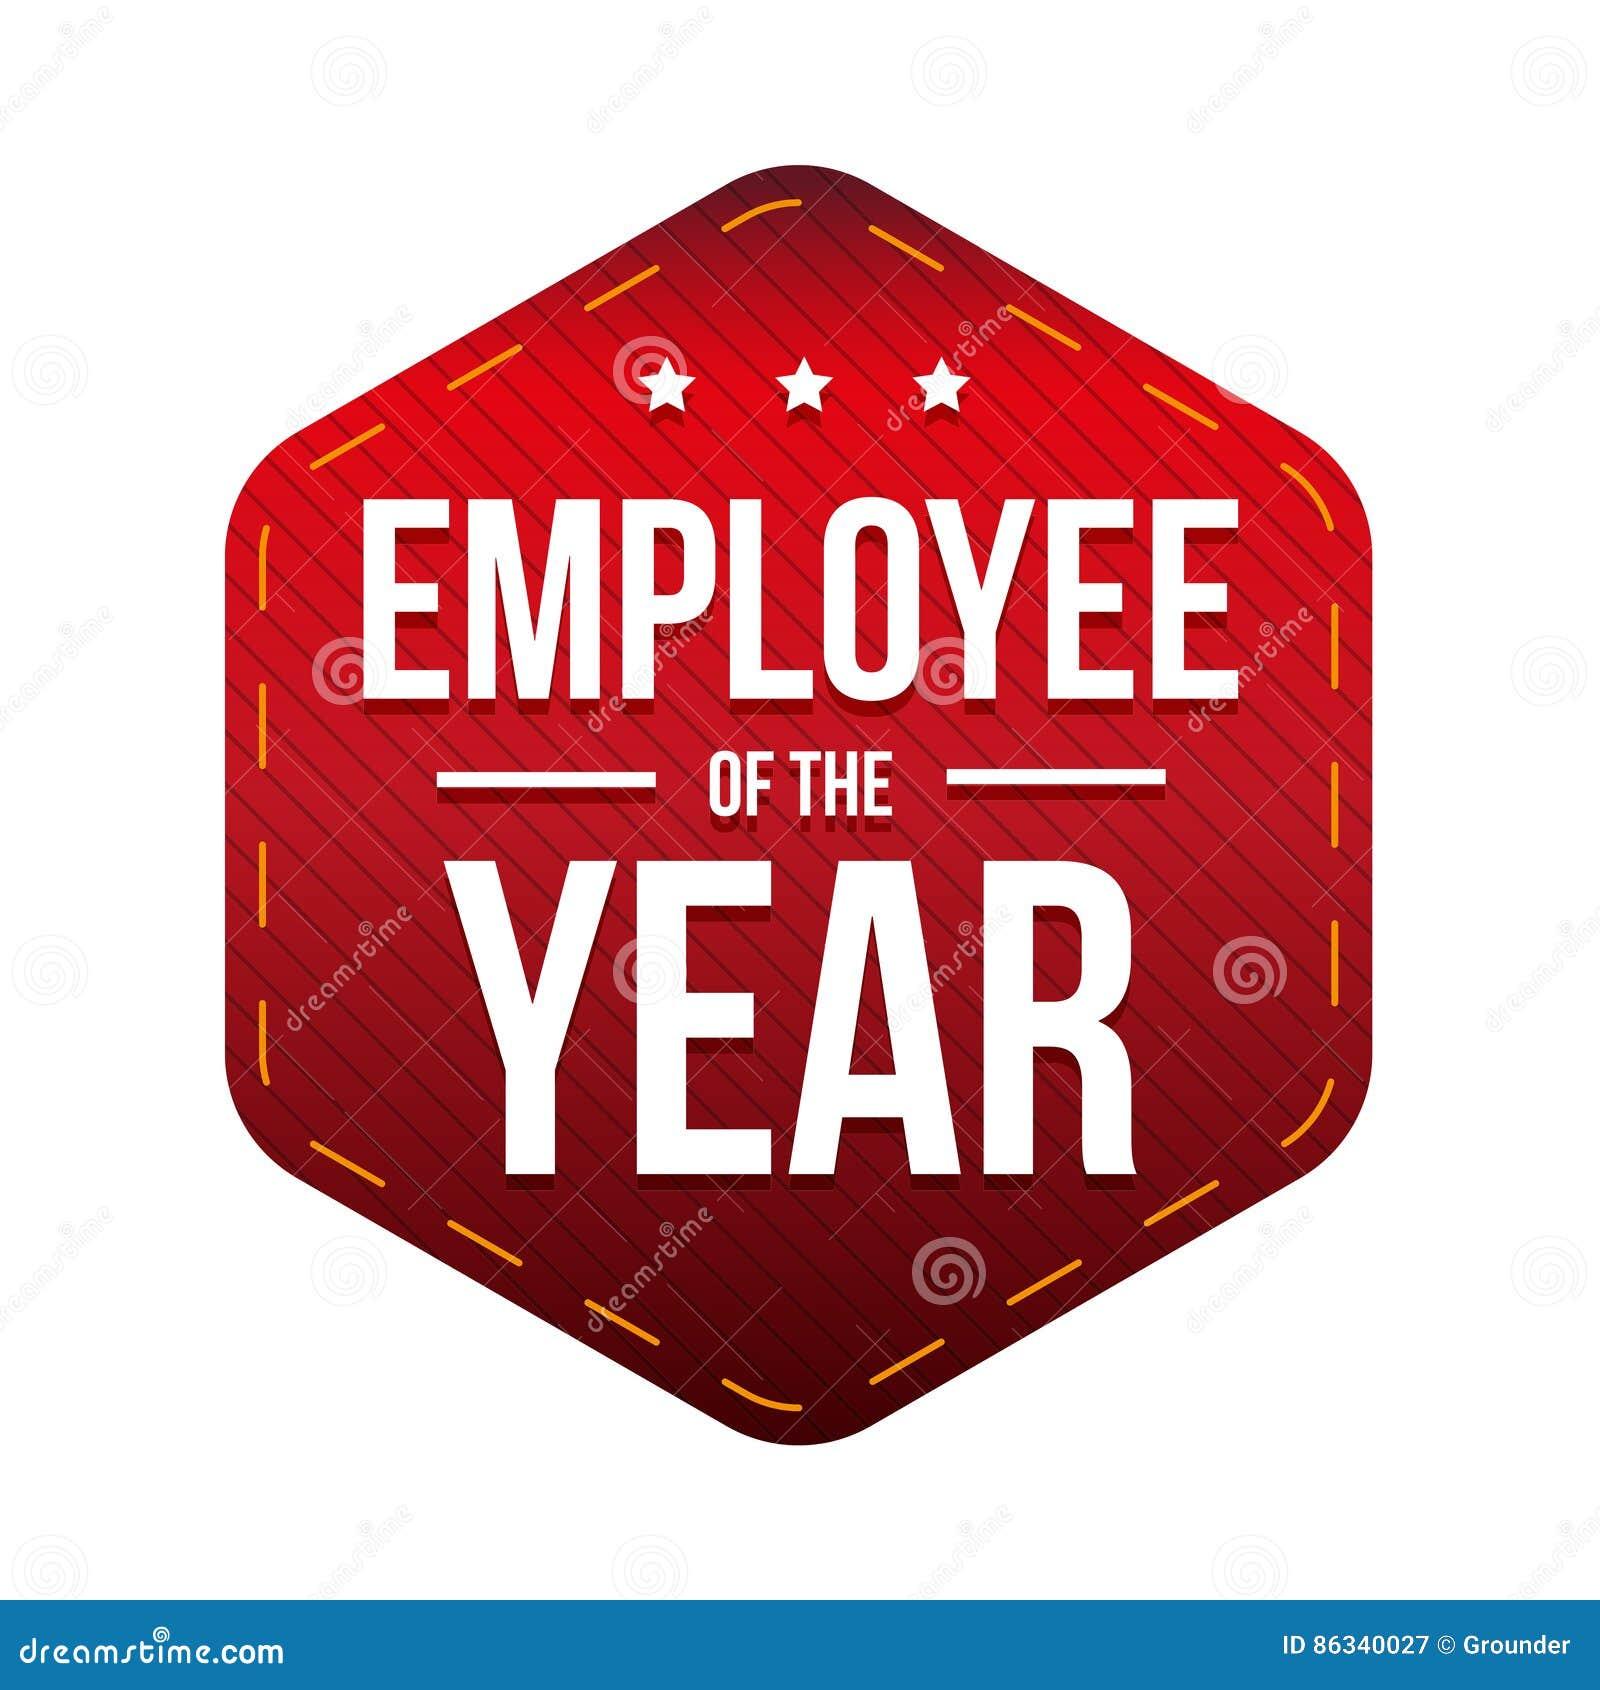 employee of